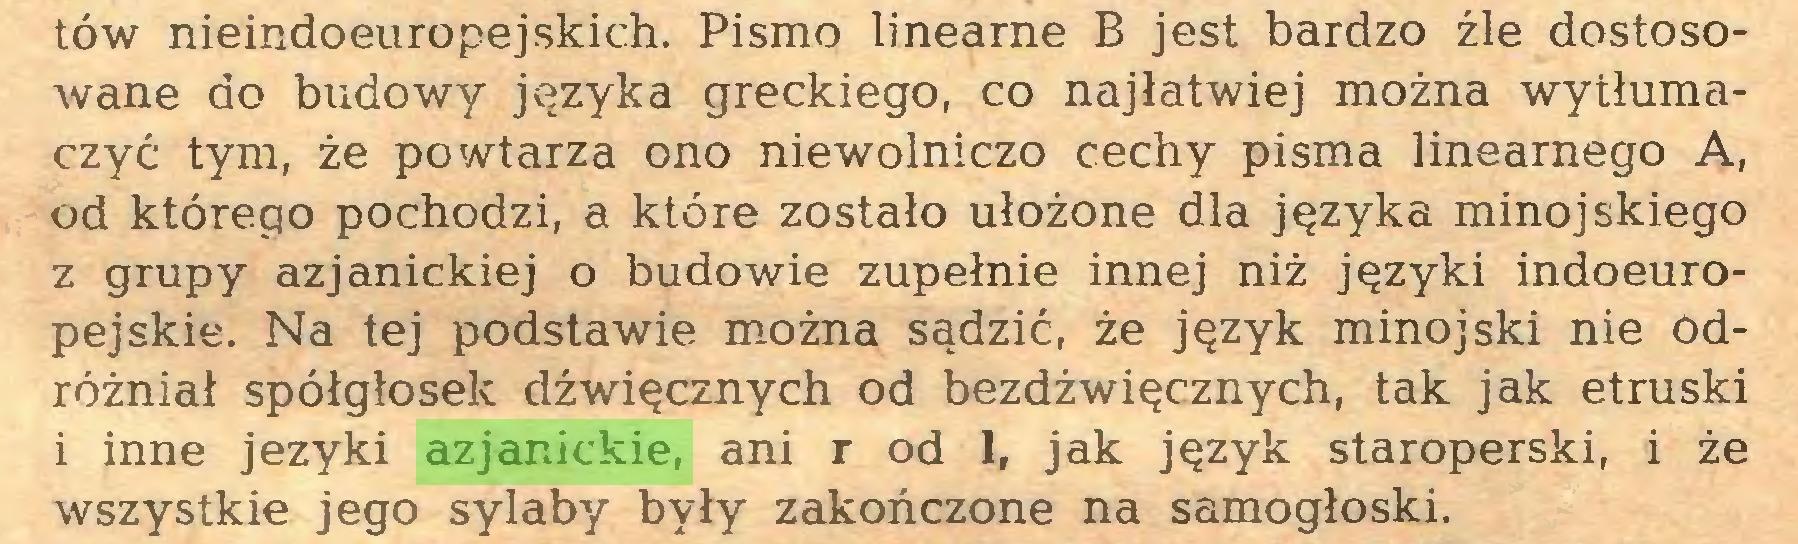 (...) tów nieindoeuropejskich. Pismo linearne B jest bardzo źle dostosowane do budowy języka greckiego, co najłatwiej można wytłumaczyć tym, że powtarza ono niewolniczo cechy pisma linearnego A, od którego pochodzi, a które zostało ułożone dla języka minojskiego z grupy azjanickiej o budowie zupełnie innej niż języki indoeuropejskie. Na tej podstawie można sądzić, że język minojski nie Odróżniał spółgłosek dźwięcznych od bezdźwięcznych, tak jak etruski i inne jeżyki azjanickie, ani r od 1, jak język staroperski, i że wszystkie jego sylaby były zakończone na samogłoski...